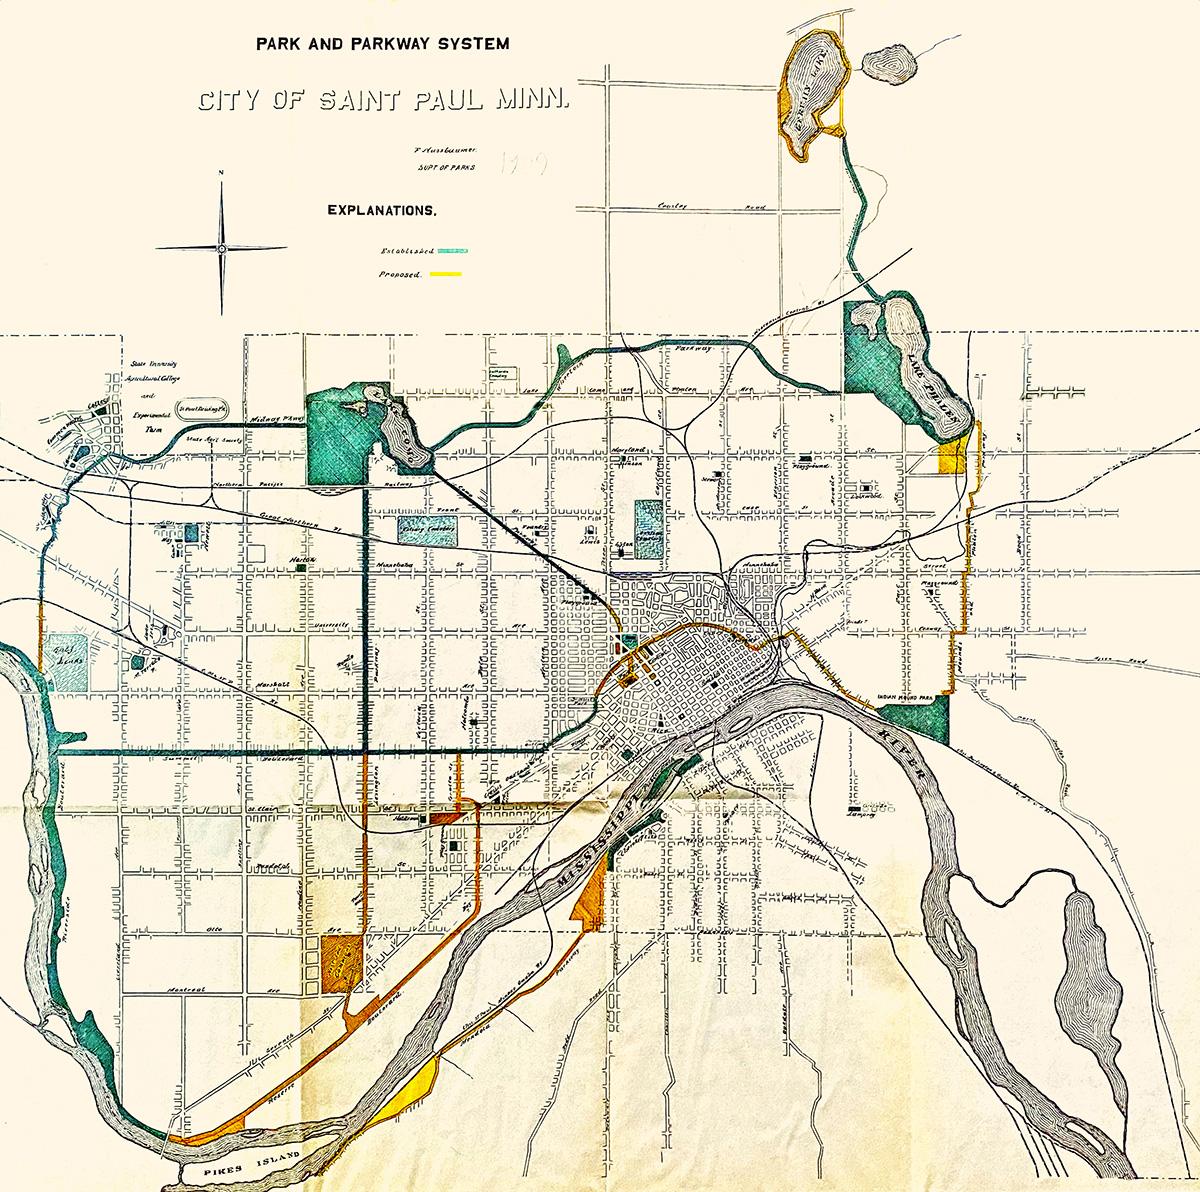 St Paul Grand Round Nussbaumer 1907 map MHS - edit_002-sig_02.jpg